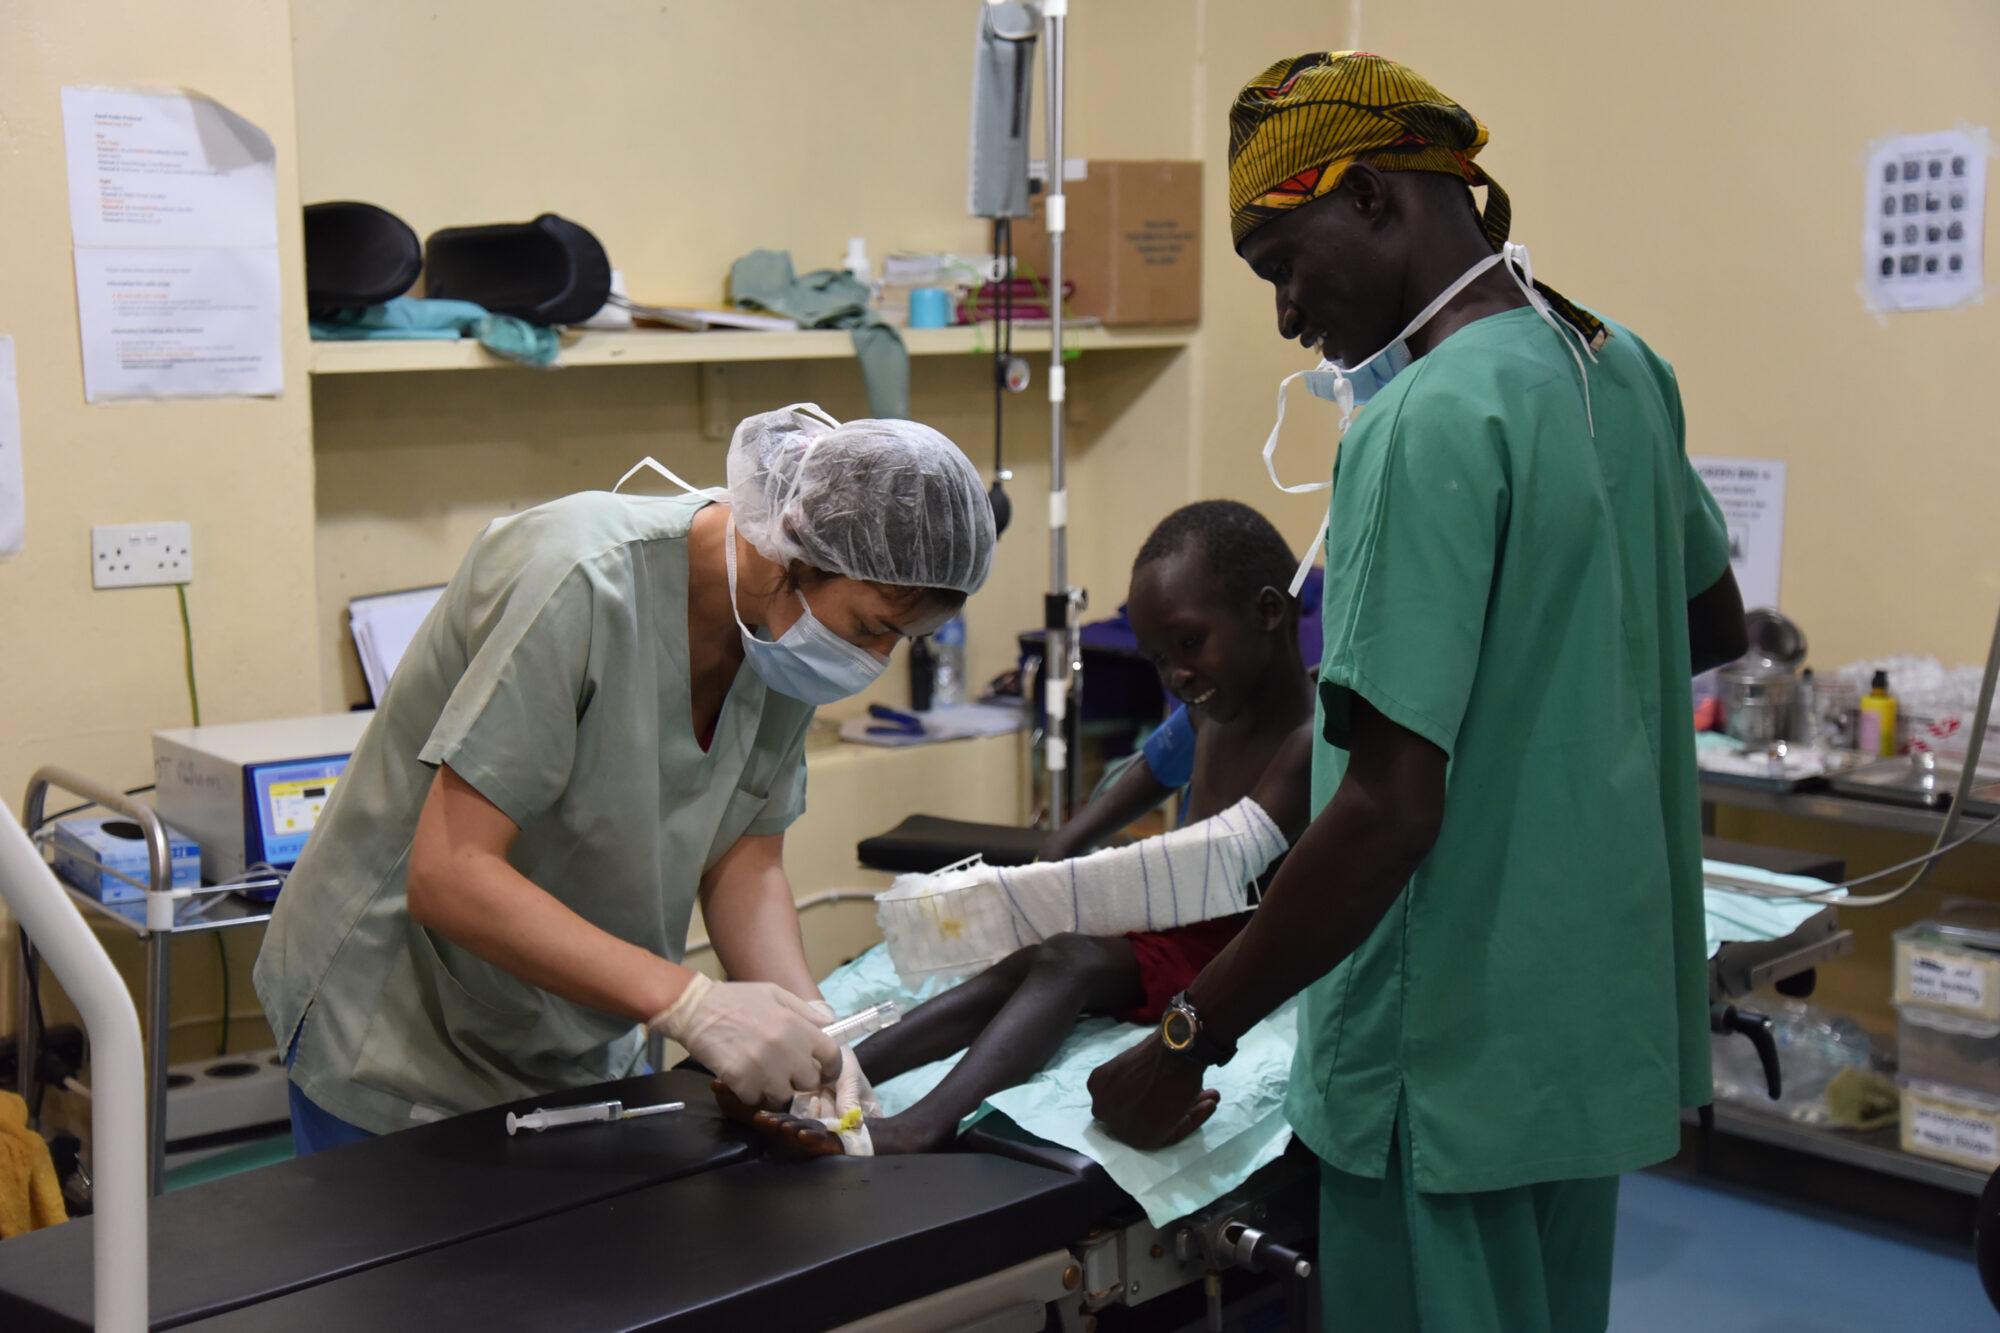 Bliv anæstesisygeplejerske i Læger uden Grænser